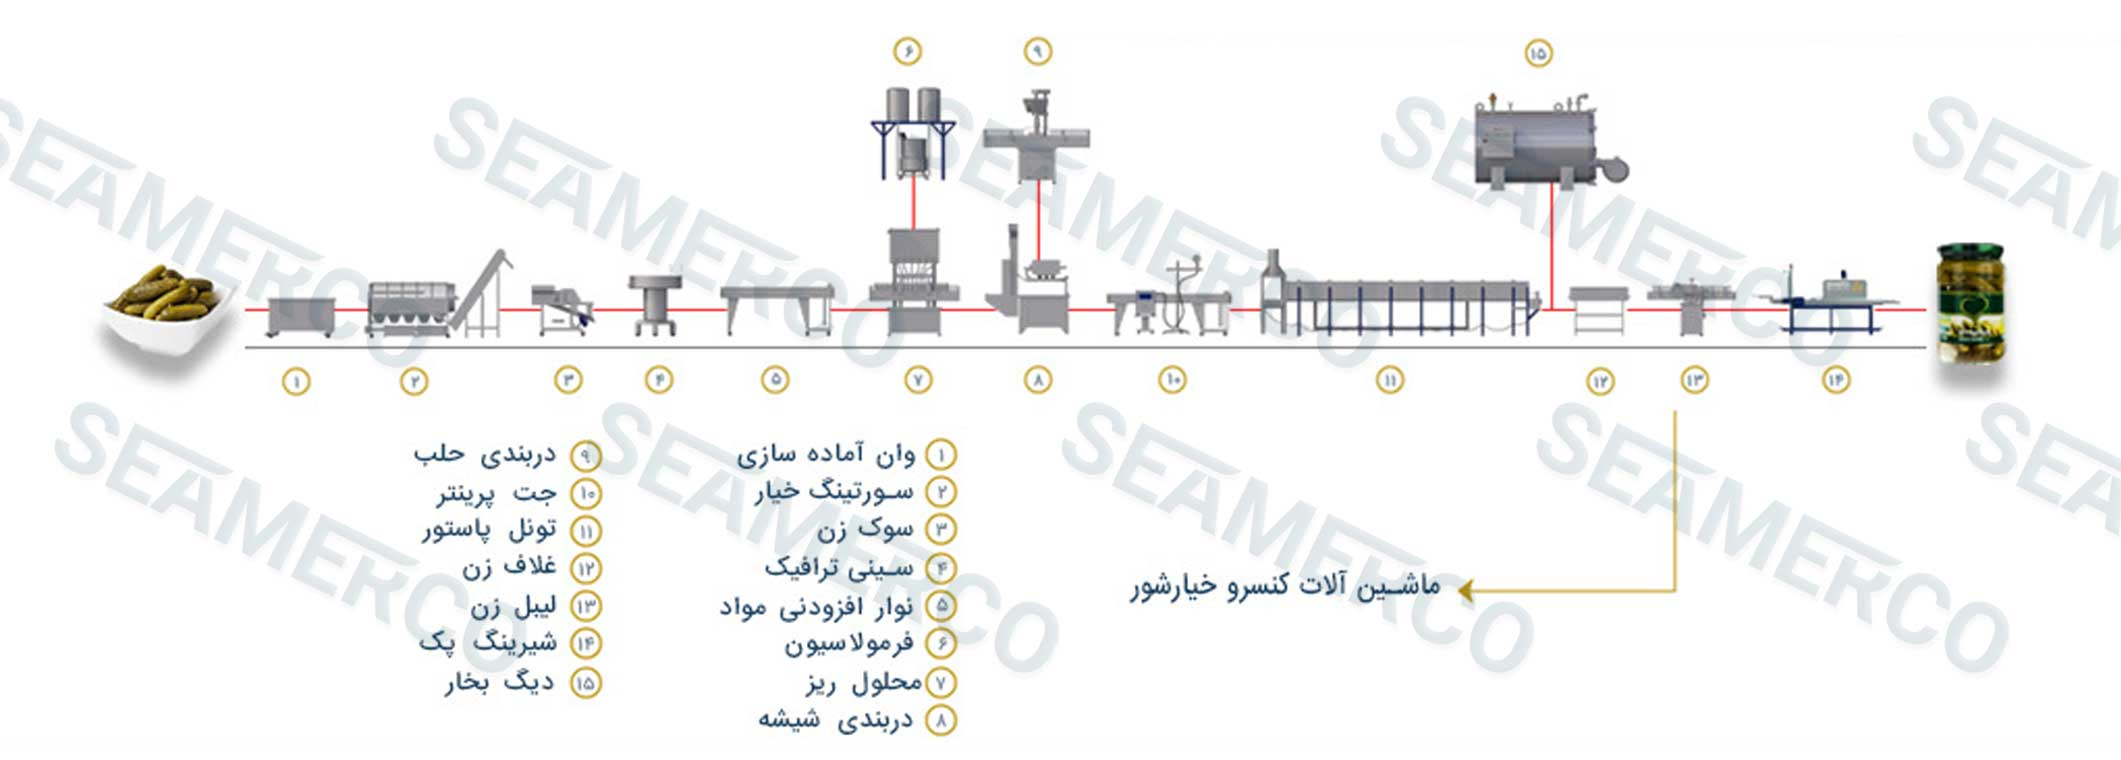 جانمایی ماشینآلات (لیوت)خط تولید خیارشور